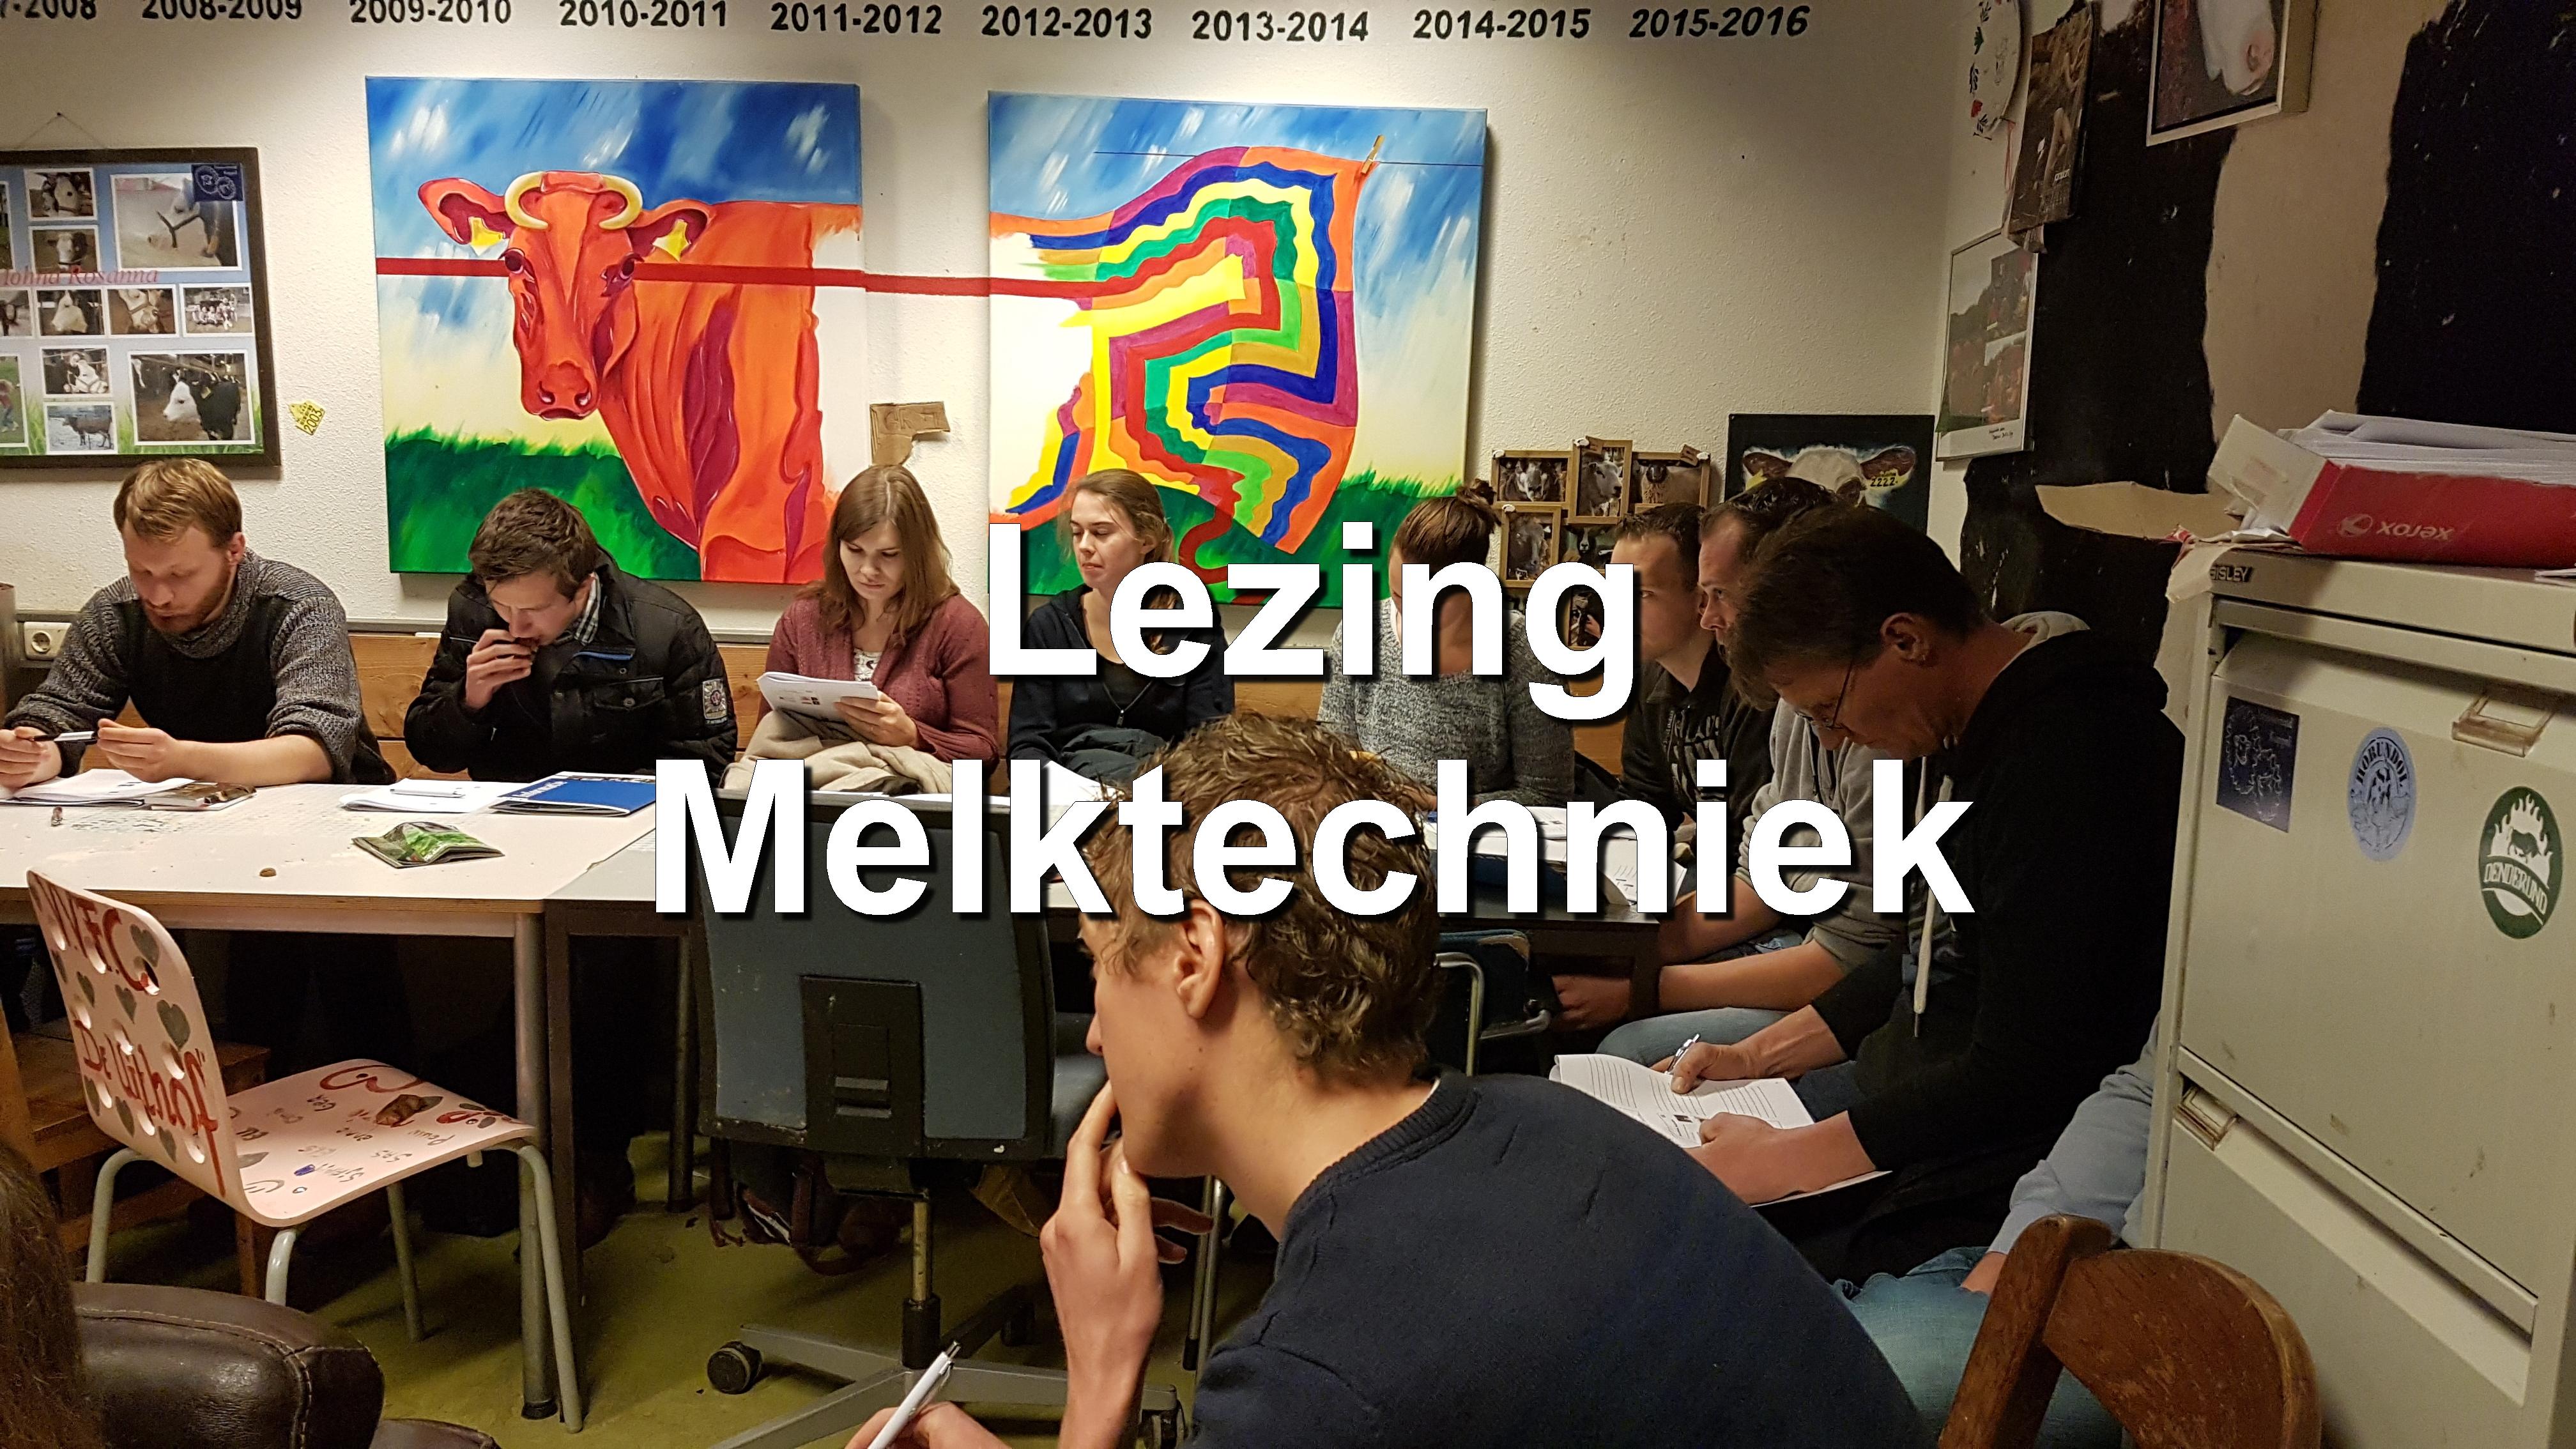 Lezing melktechniek